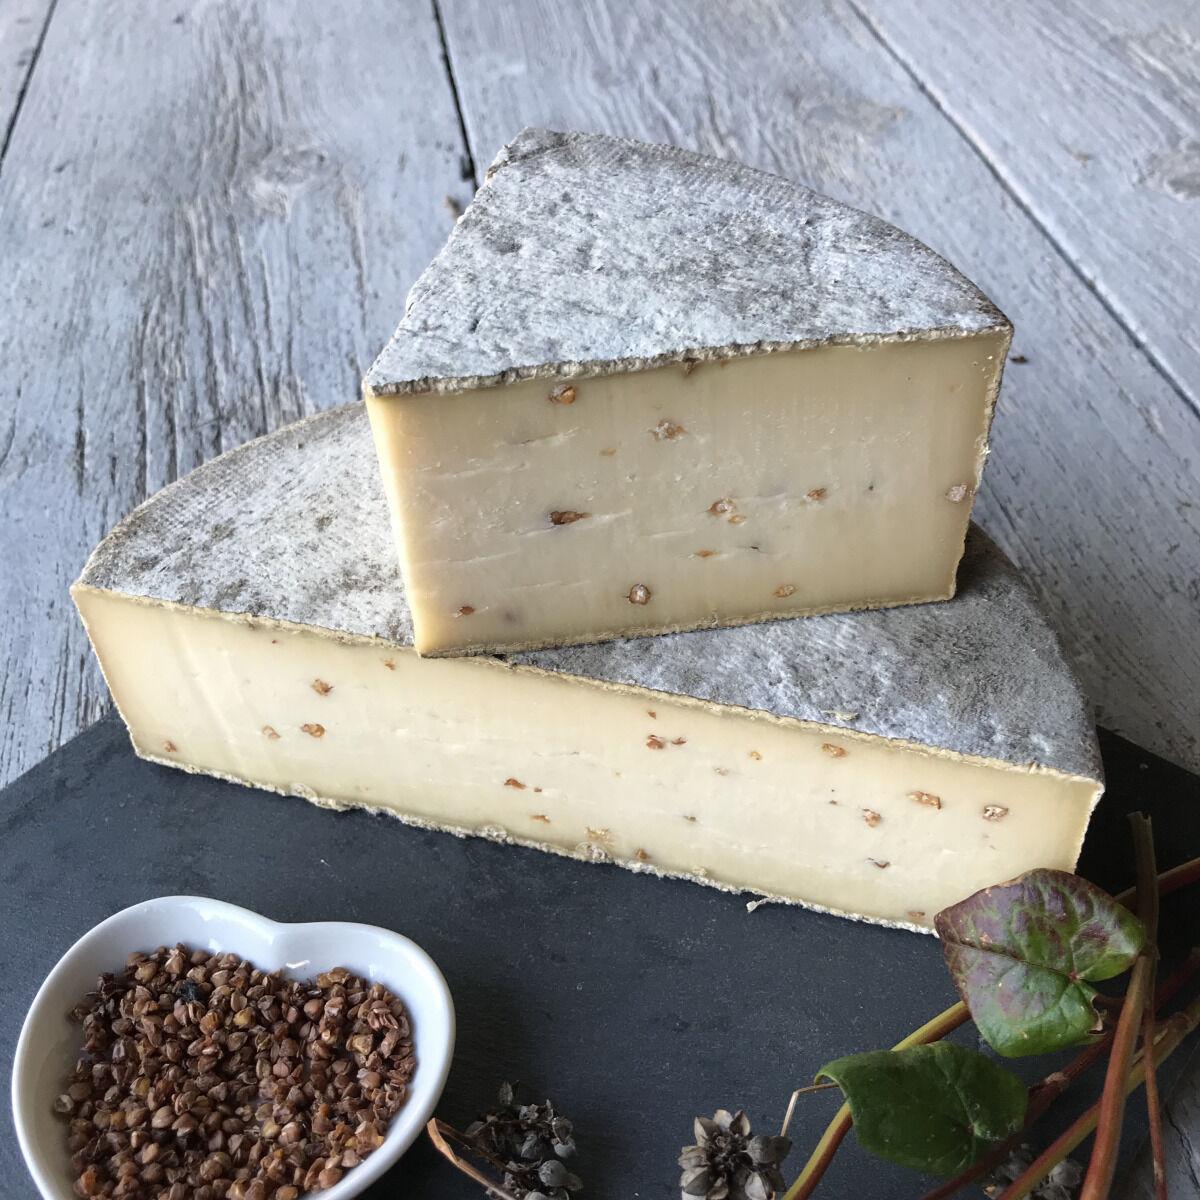 Les Fermes Vaumadeuc Tomme au Sarrasin- Au lait cru entier de vache-Affinage 2 mois - 1700g